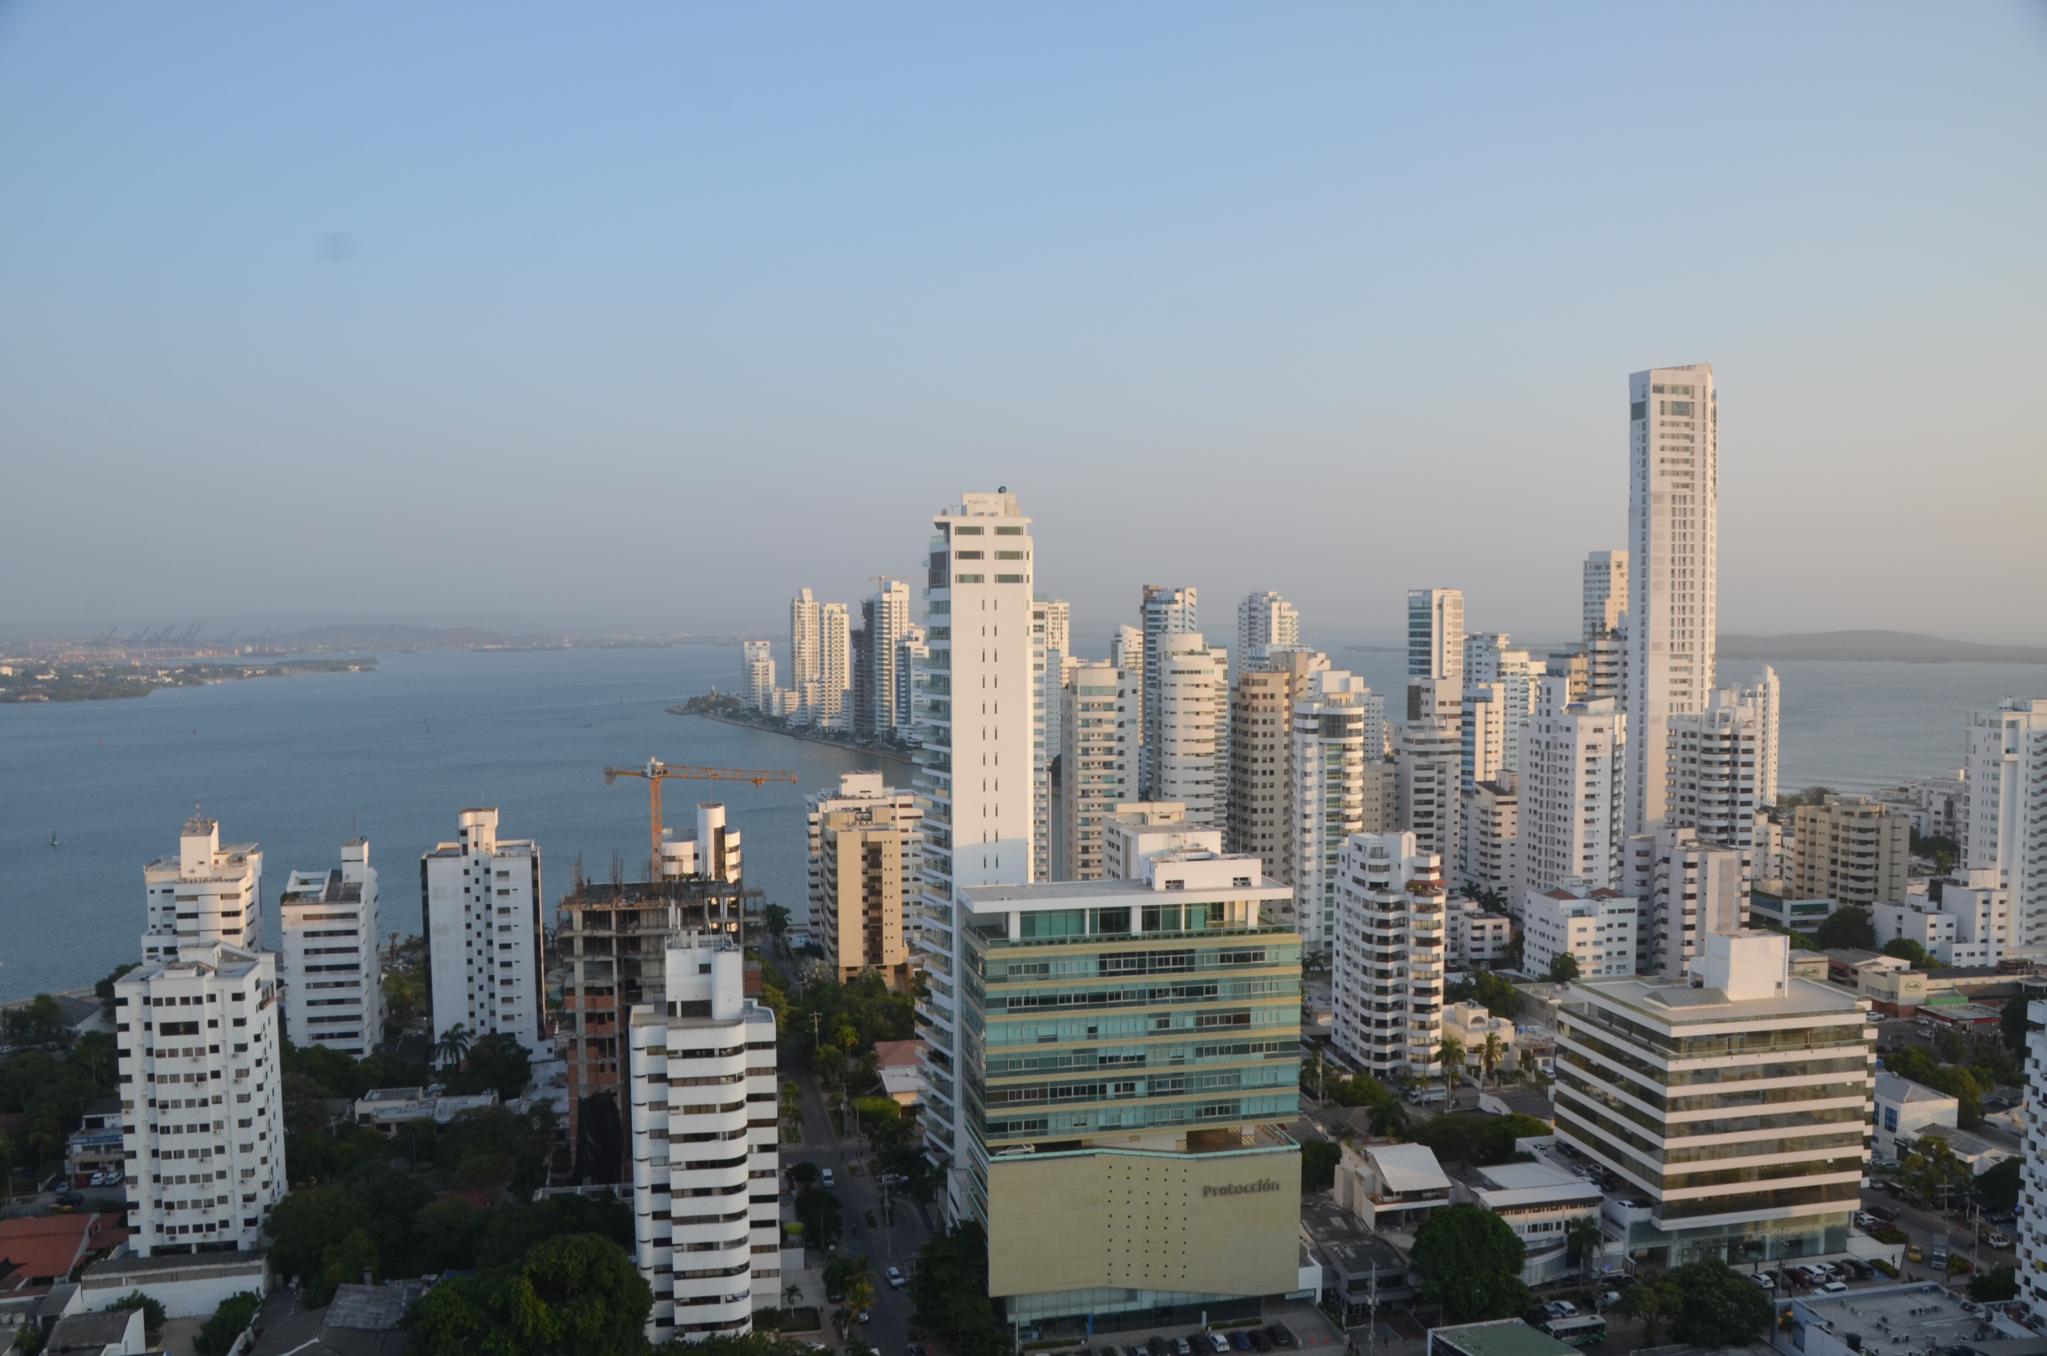 File:Bocagrande, Cartagena, Colombia (24212054343).jpg